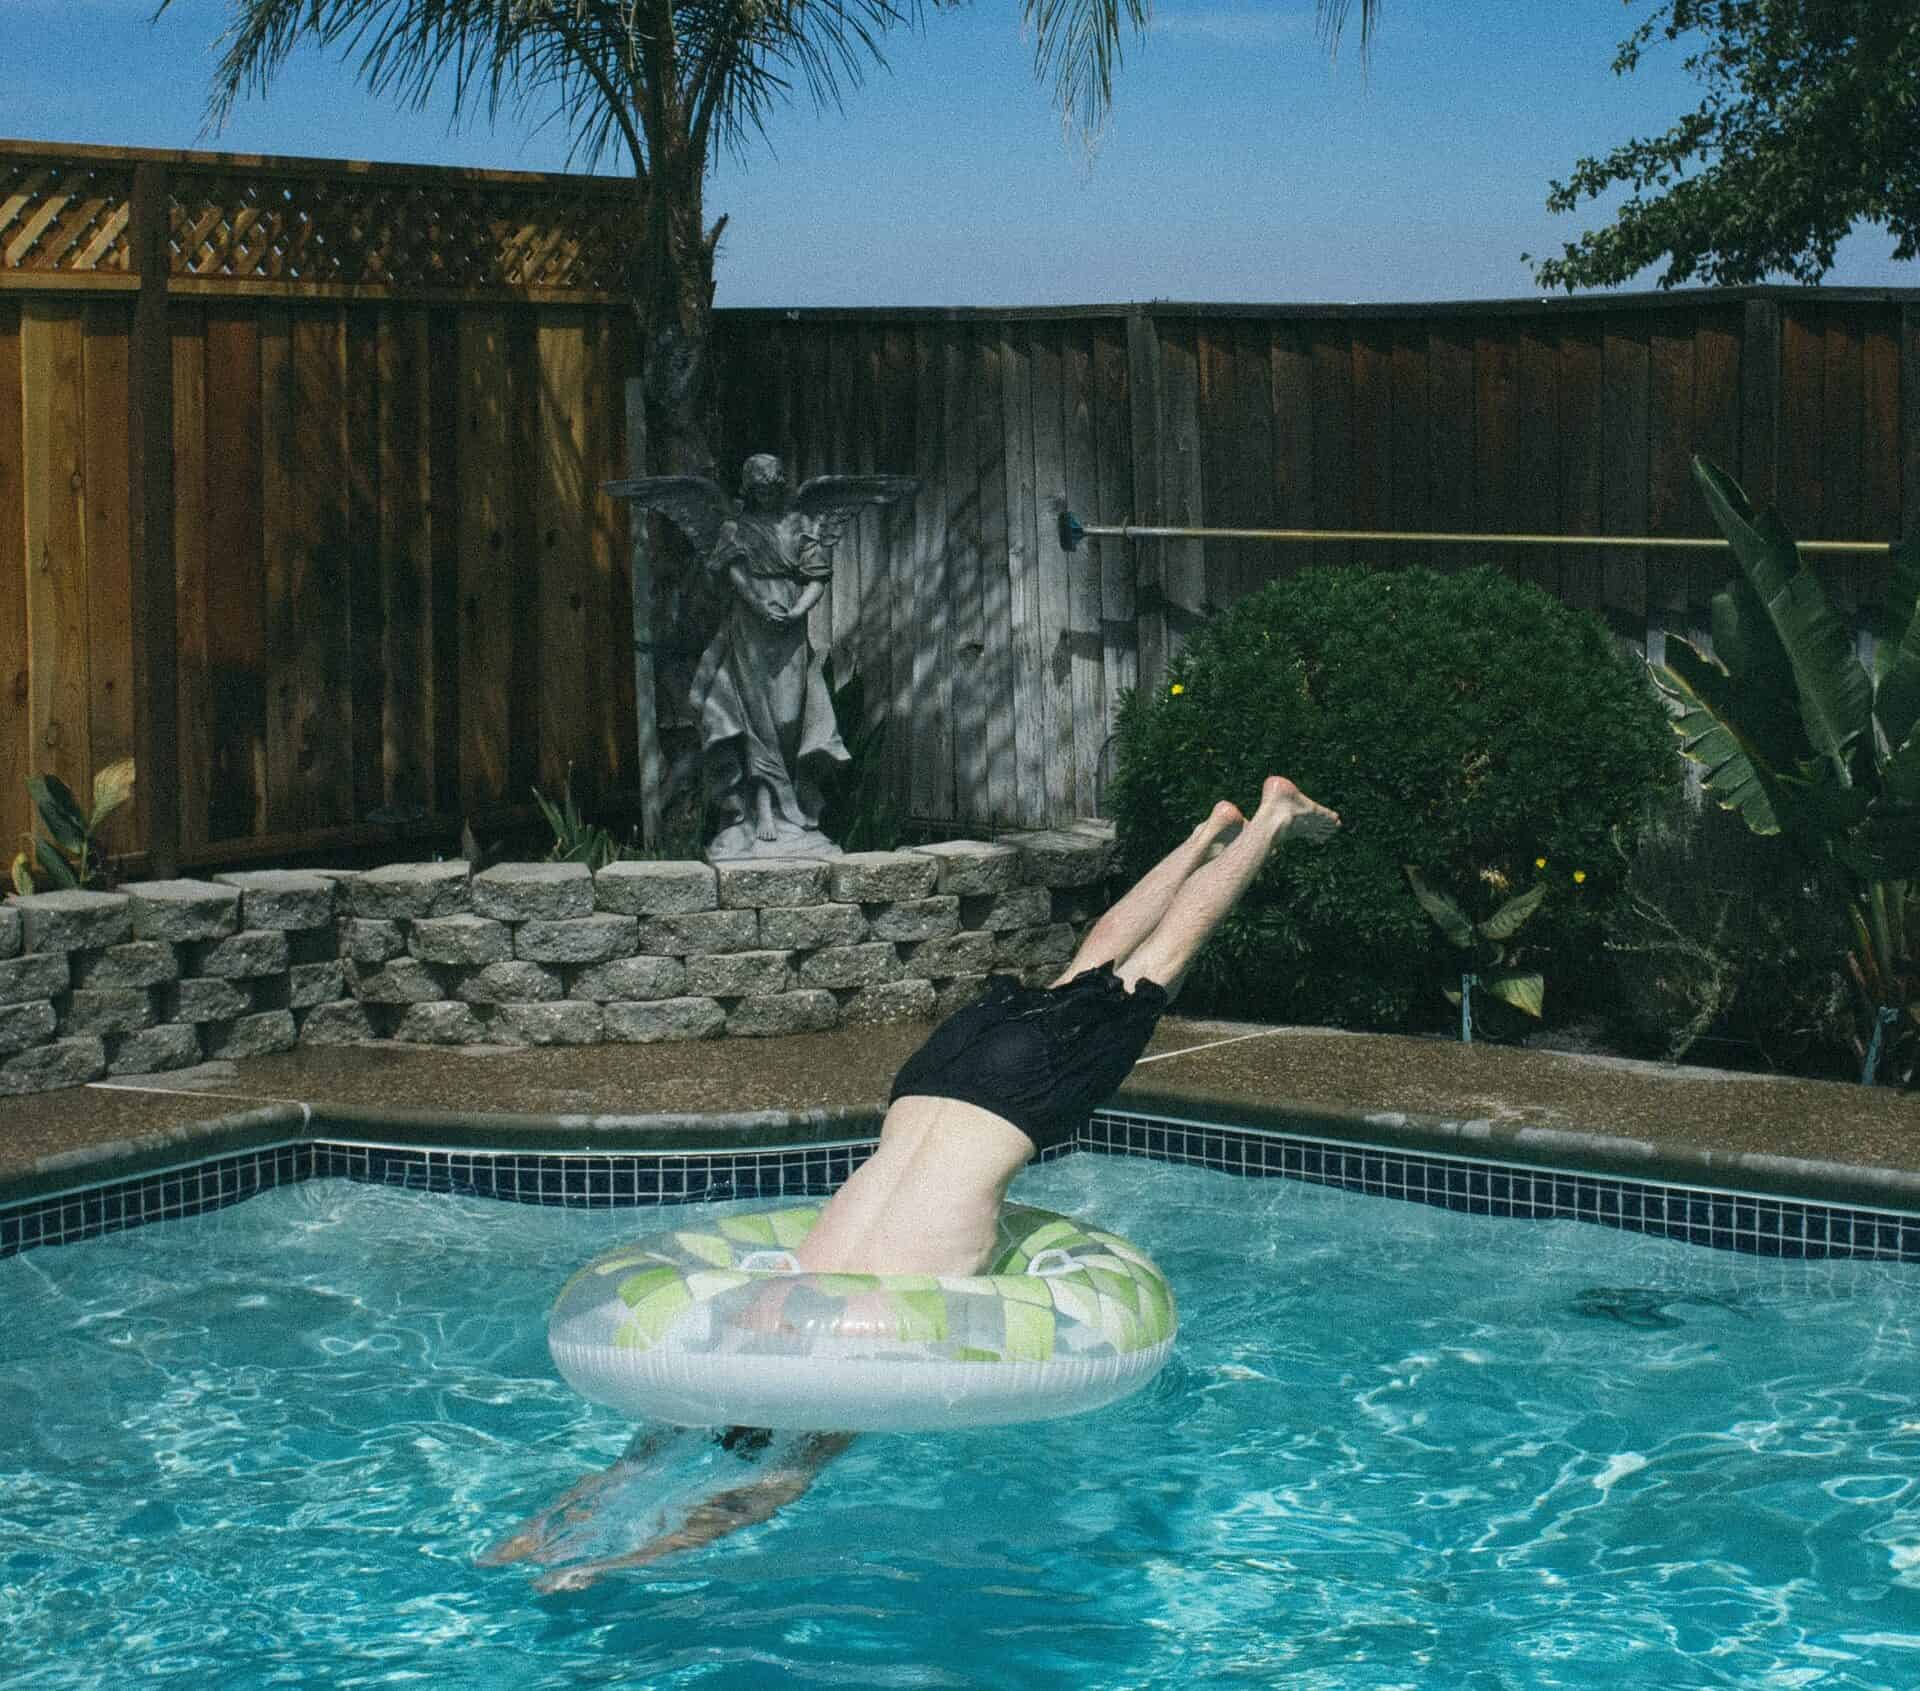 Fun Summer Staycation Ideas